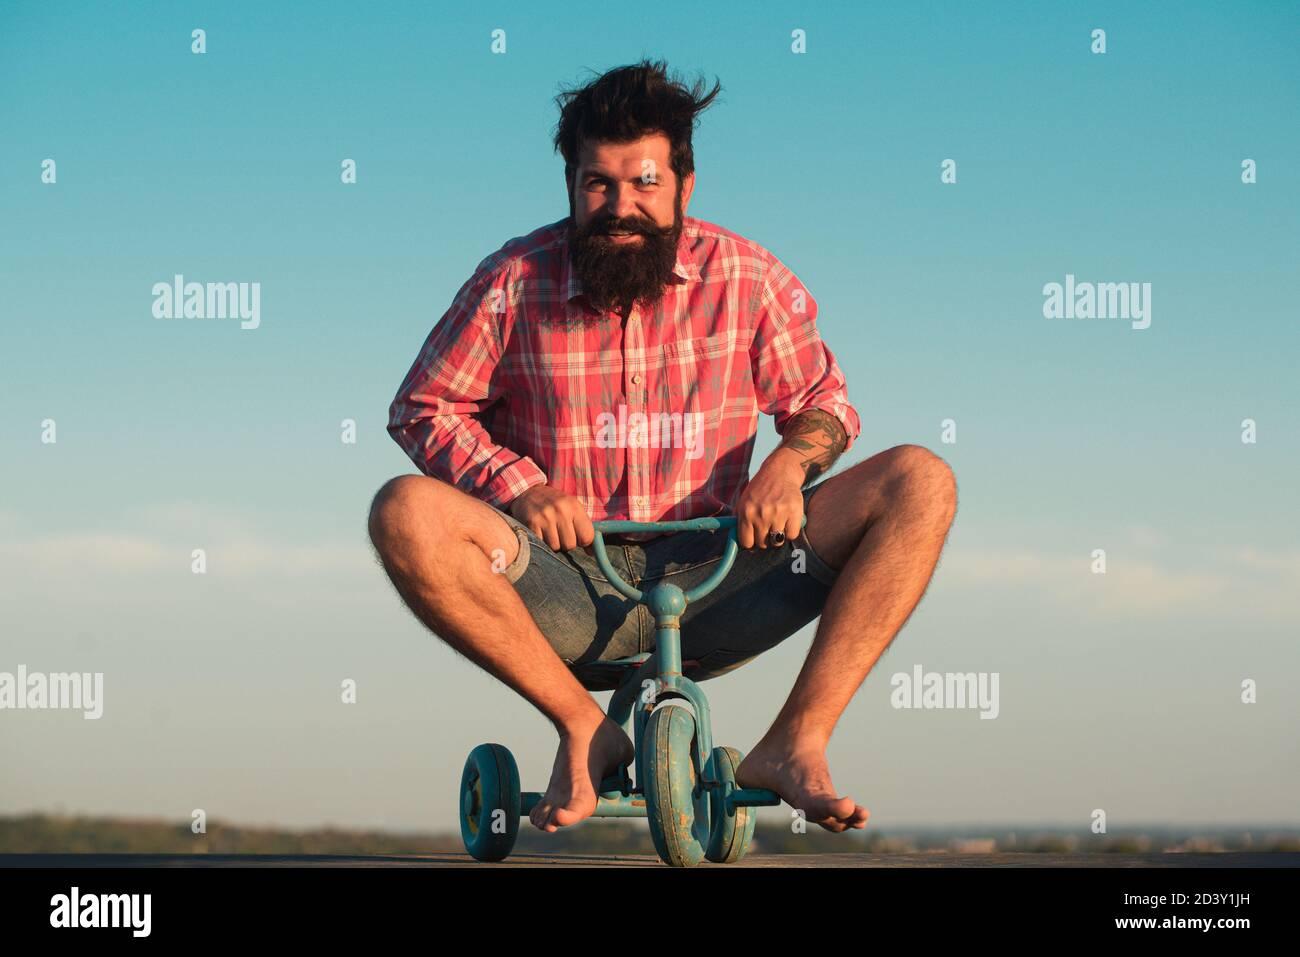 Motociclista divertente. Uomo che guida una piccola bicicletta. Foto Stock